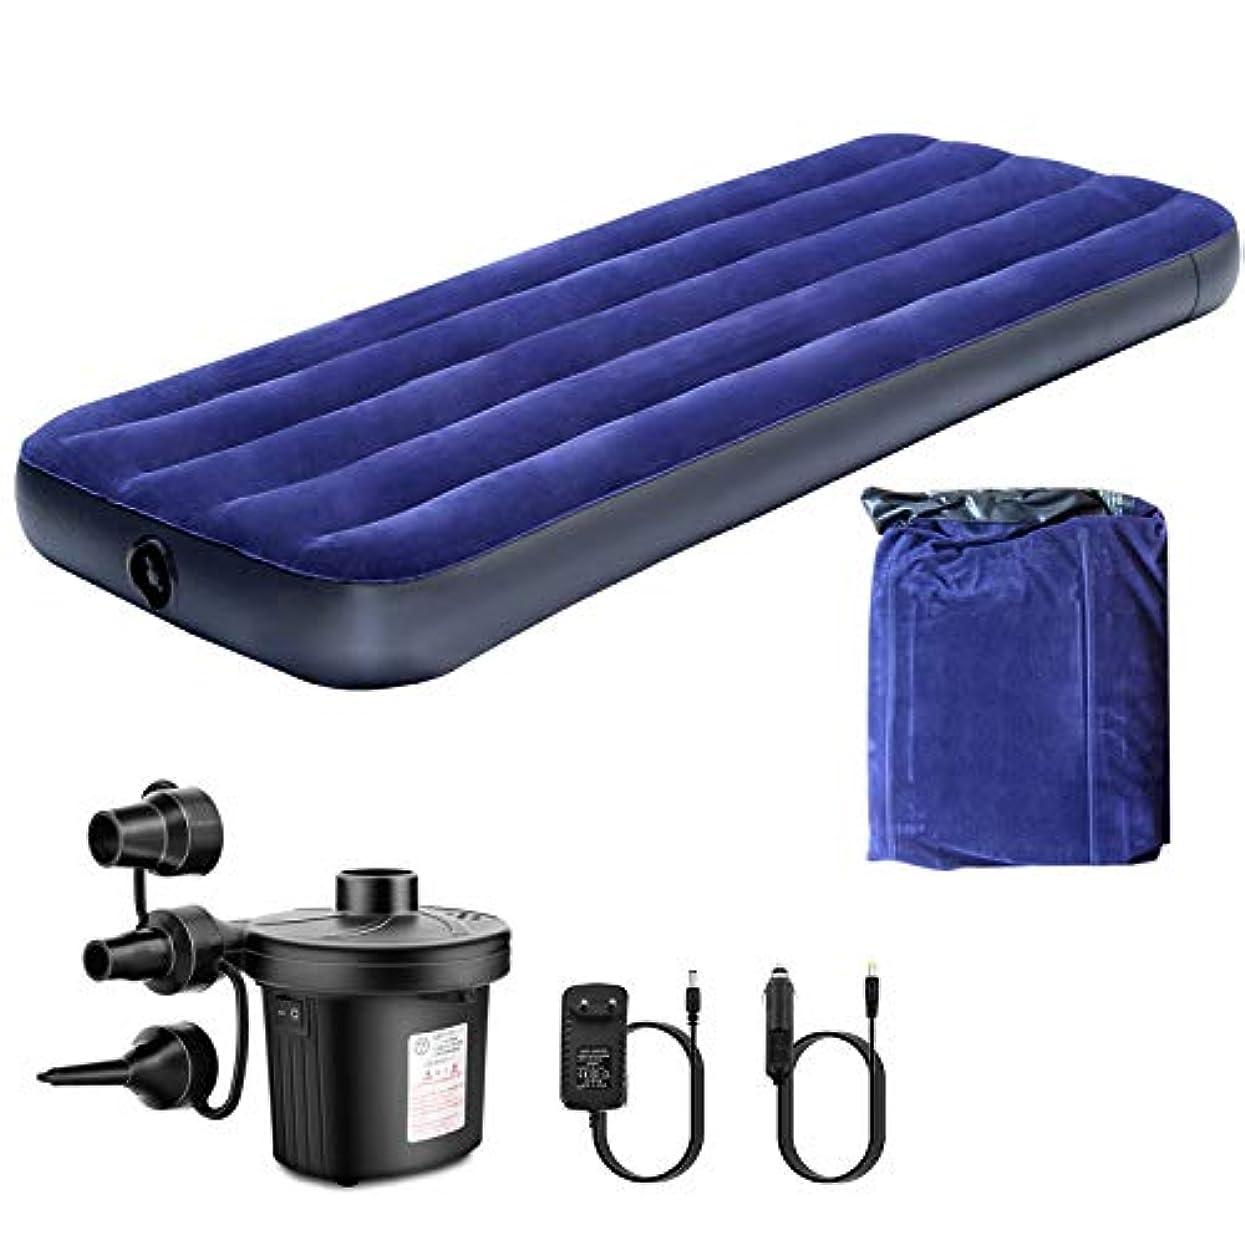 感情イソギンチャク報復するエアーベッド 空気ベッド エアーマット 簡易ベッド 宿泊客 お昼寝 薄型 高反発 スペース活用 選択可能 電動ポンプ付き/なし 190×76×厚さ21cm